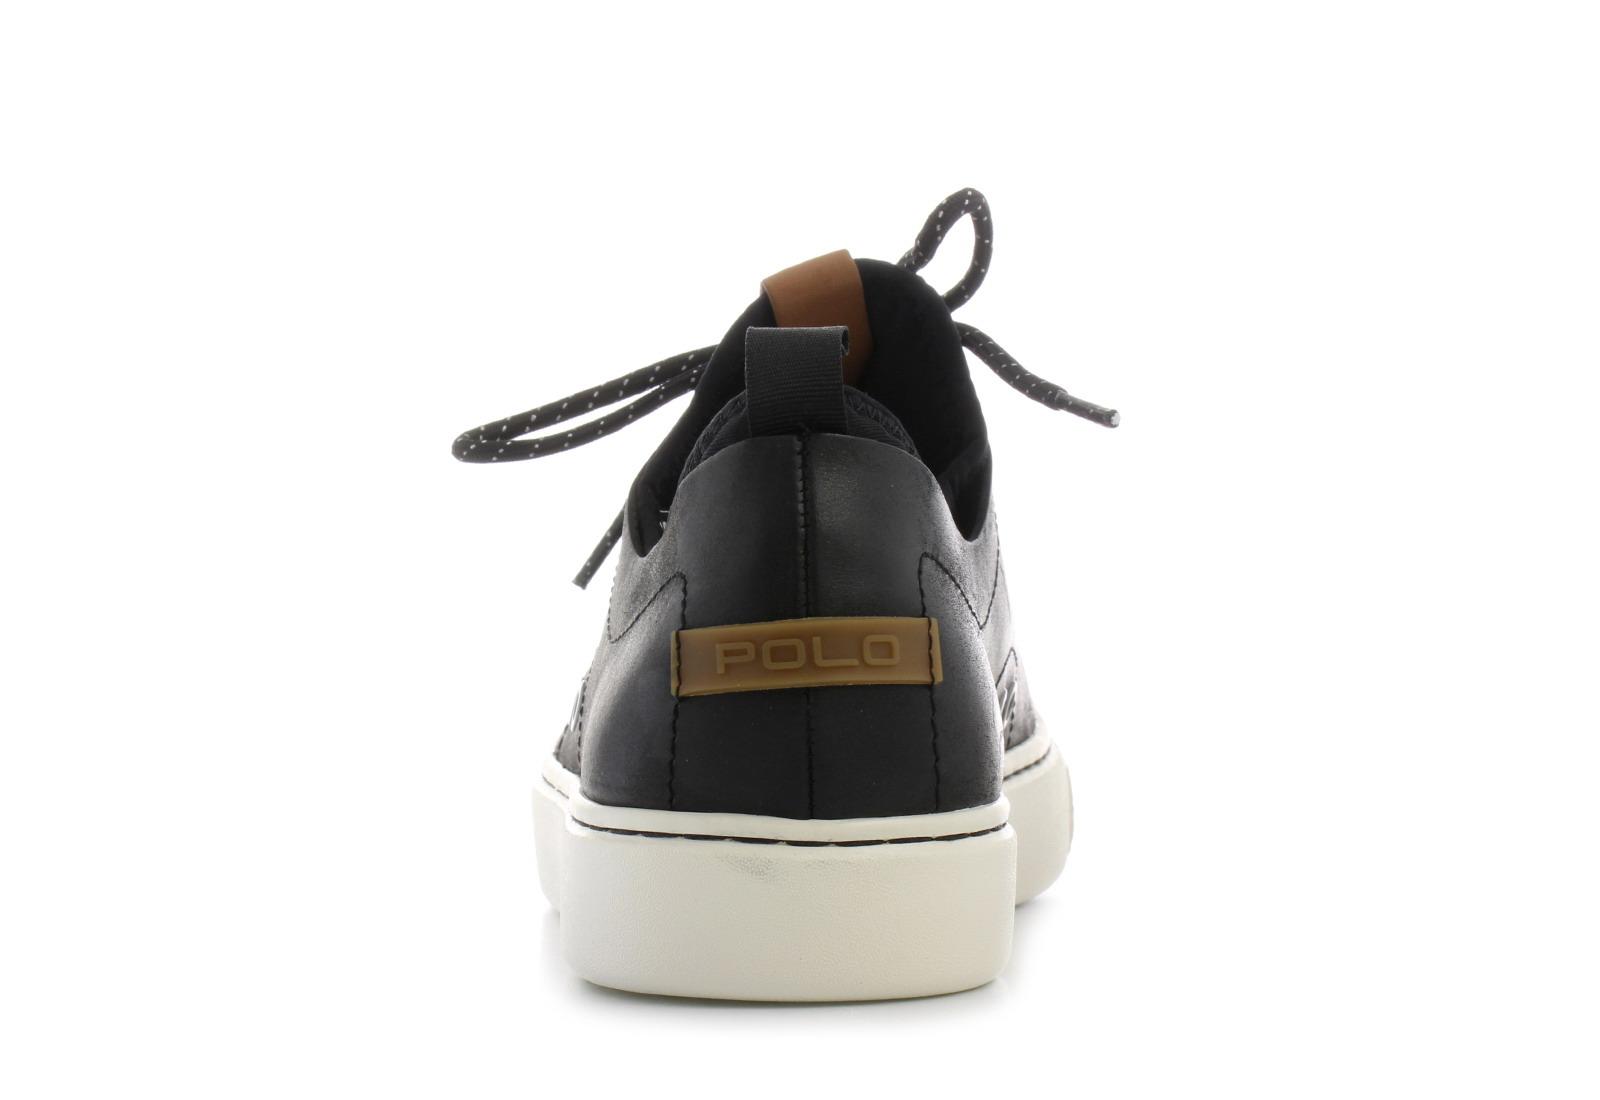 c2967ac140 Polo Ralph Lauren Cipő - Dunovin - 816713105004 - Office Shoes ...